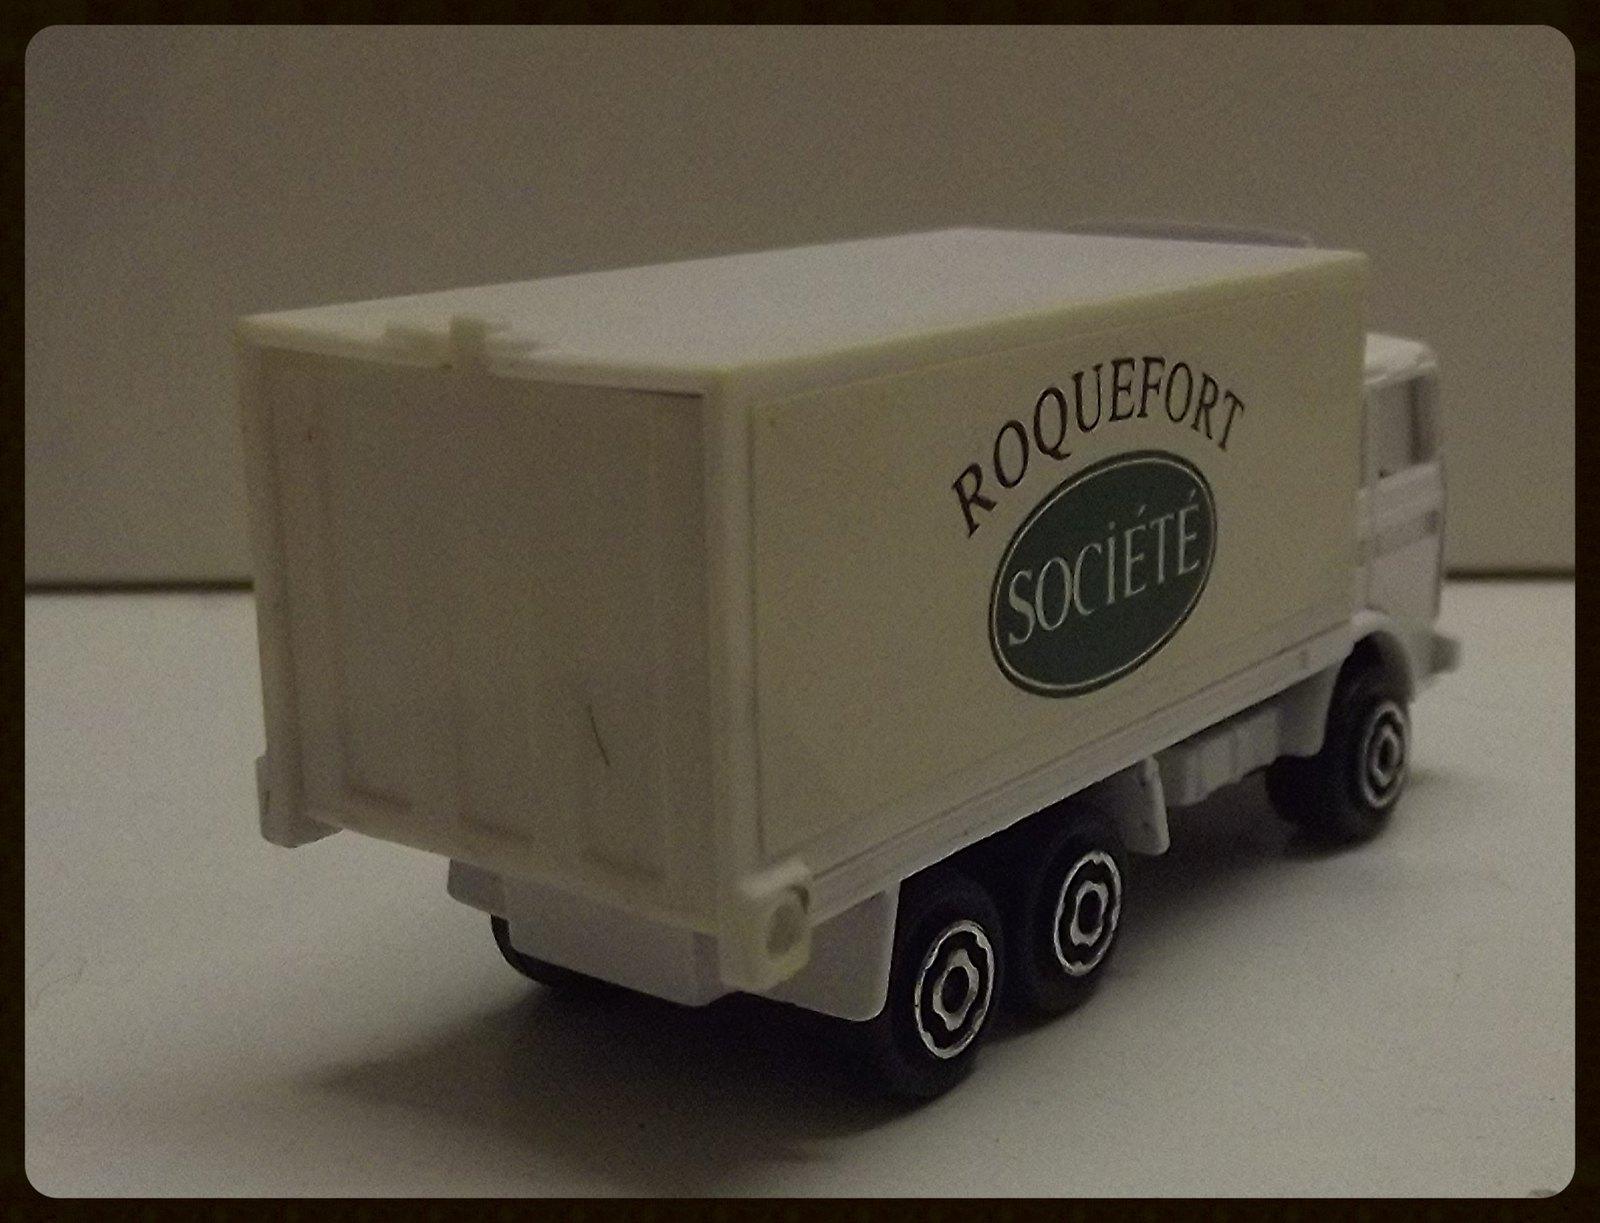 Roquefort société. 32904381565_54d2e2f8e8_h